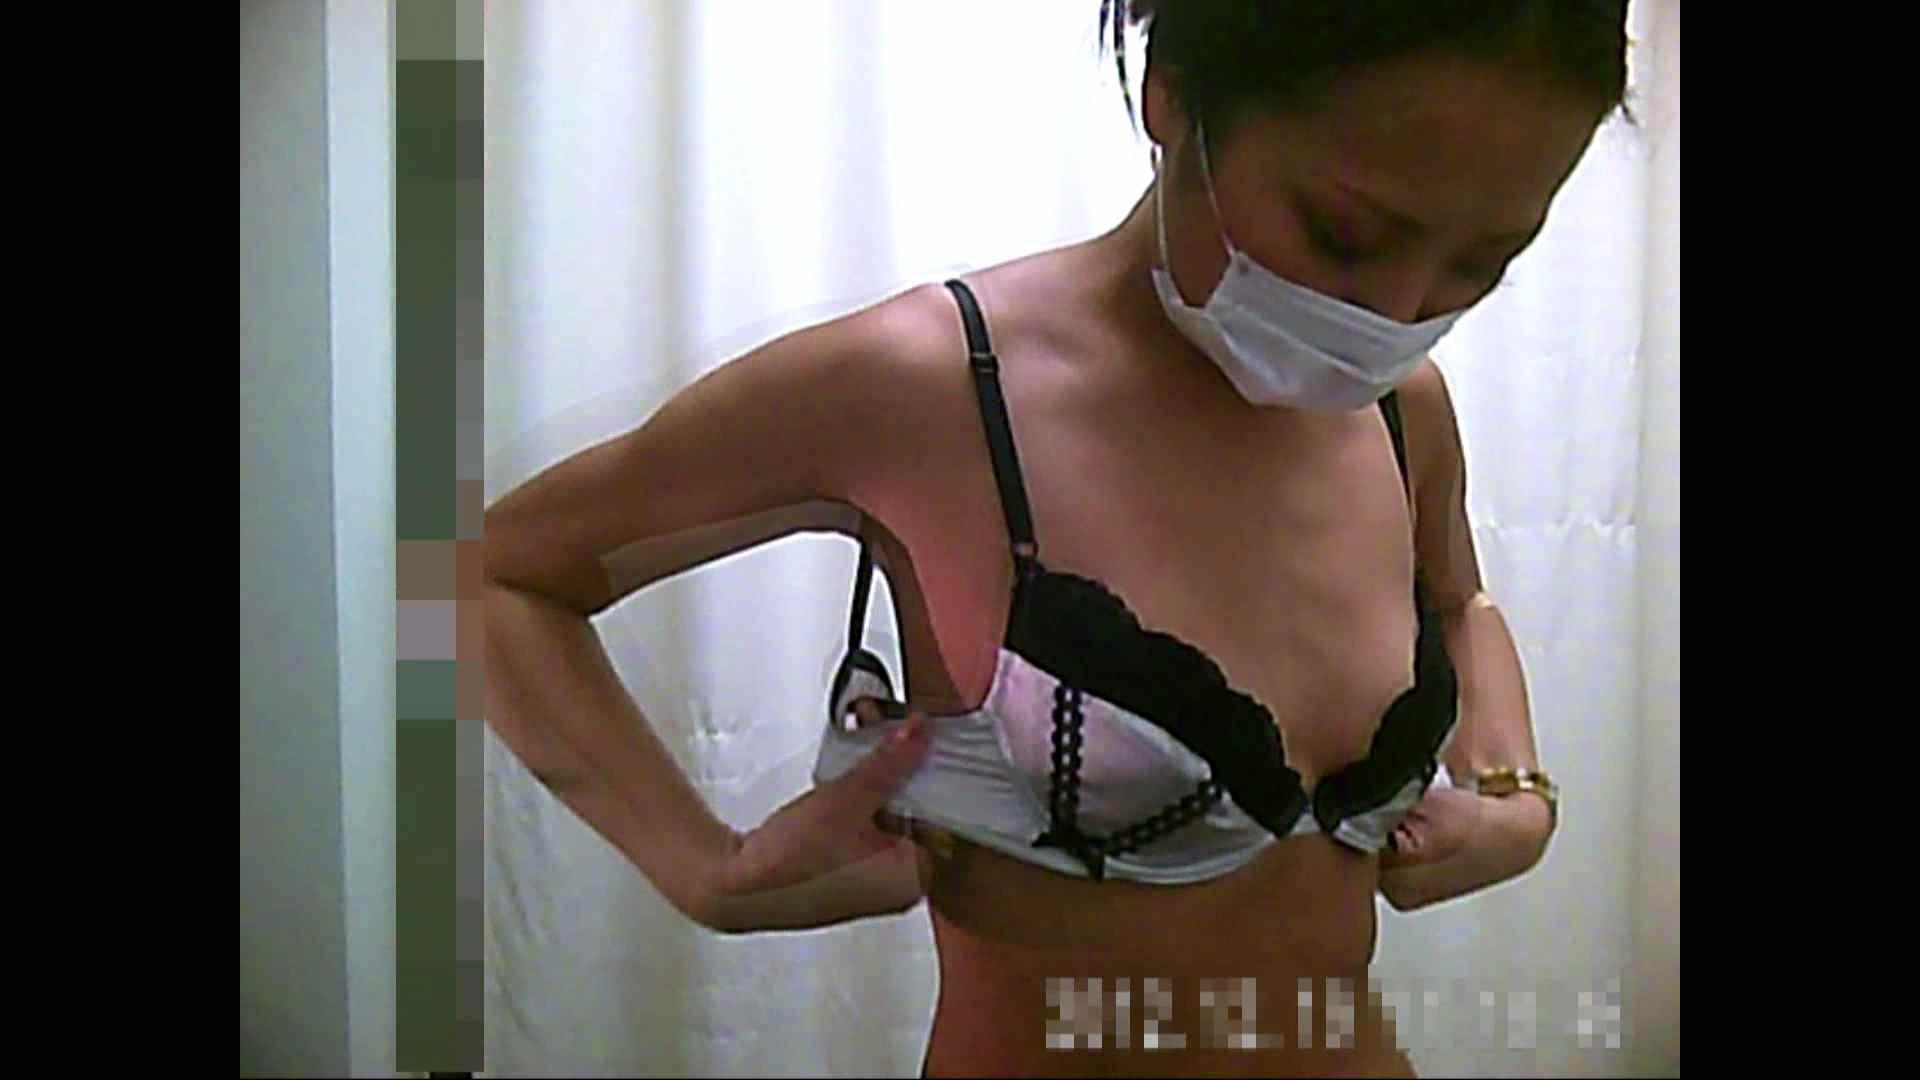 元医者による反抗 更衣室地獄絵巻 vol.115 OL  81pic 33